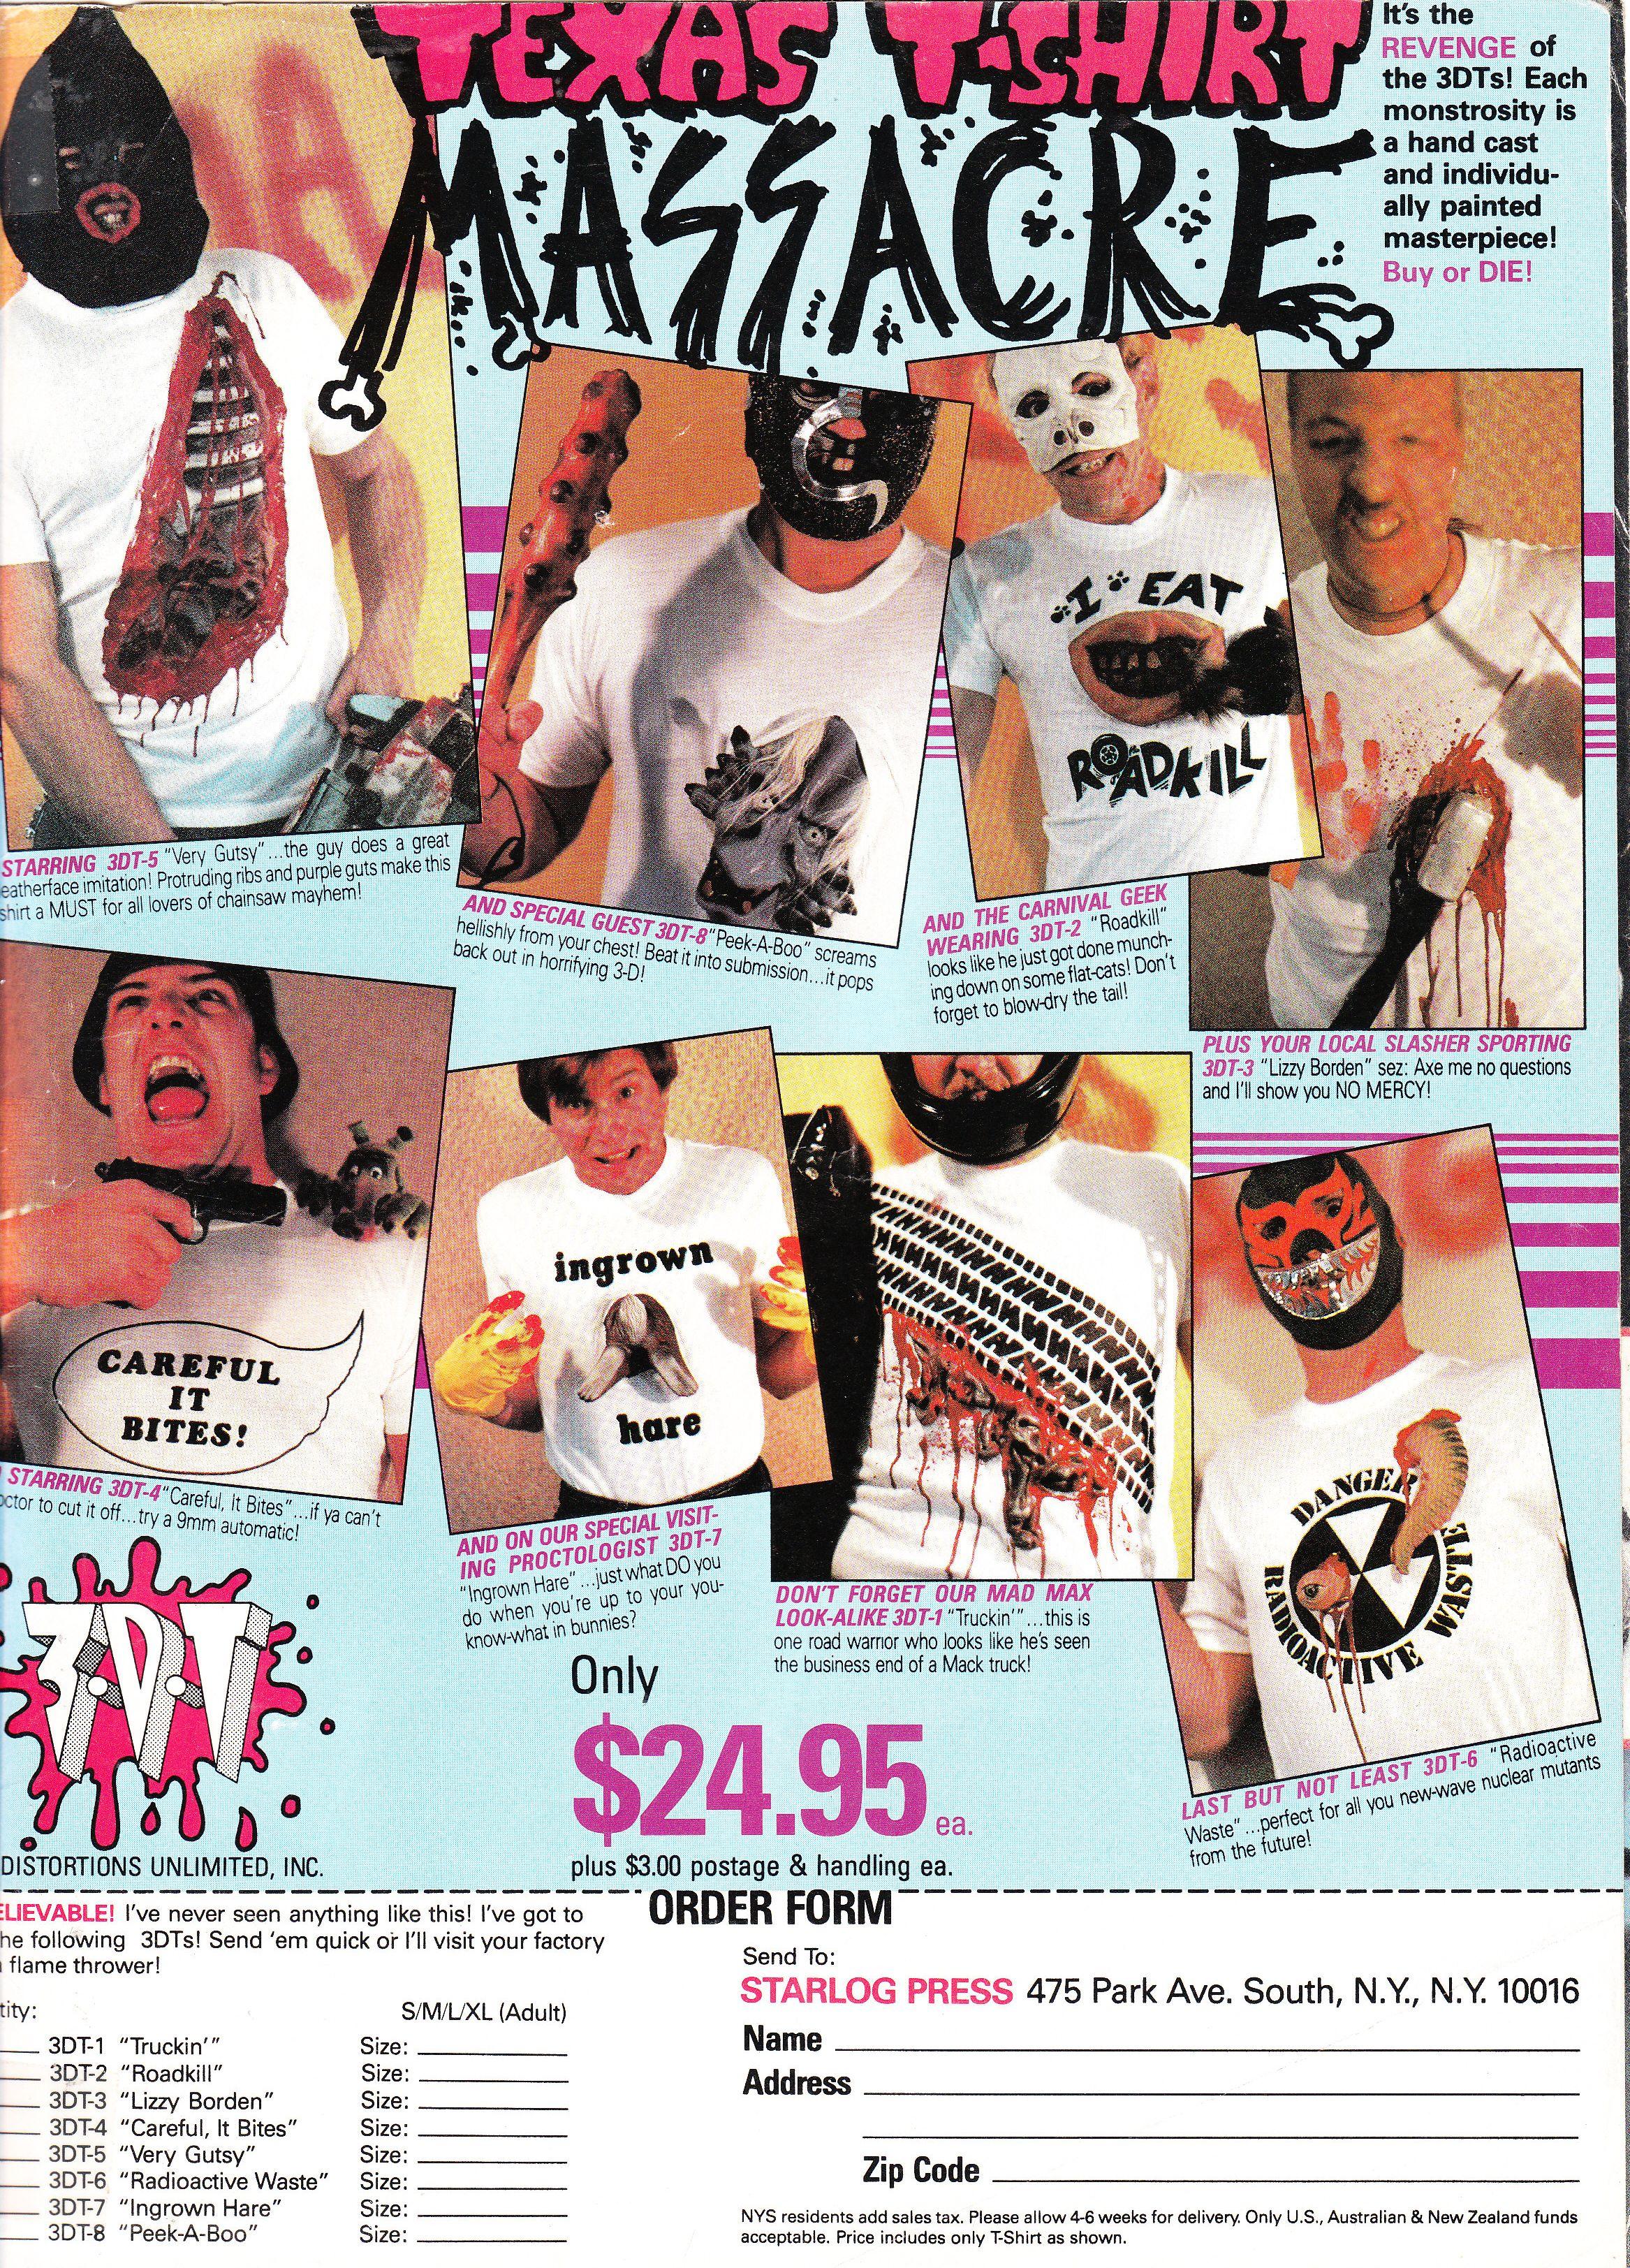 TX Tshirt Massacre